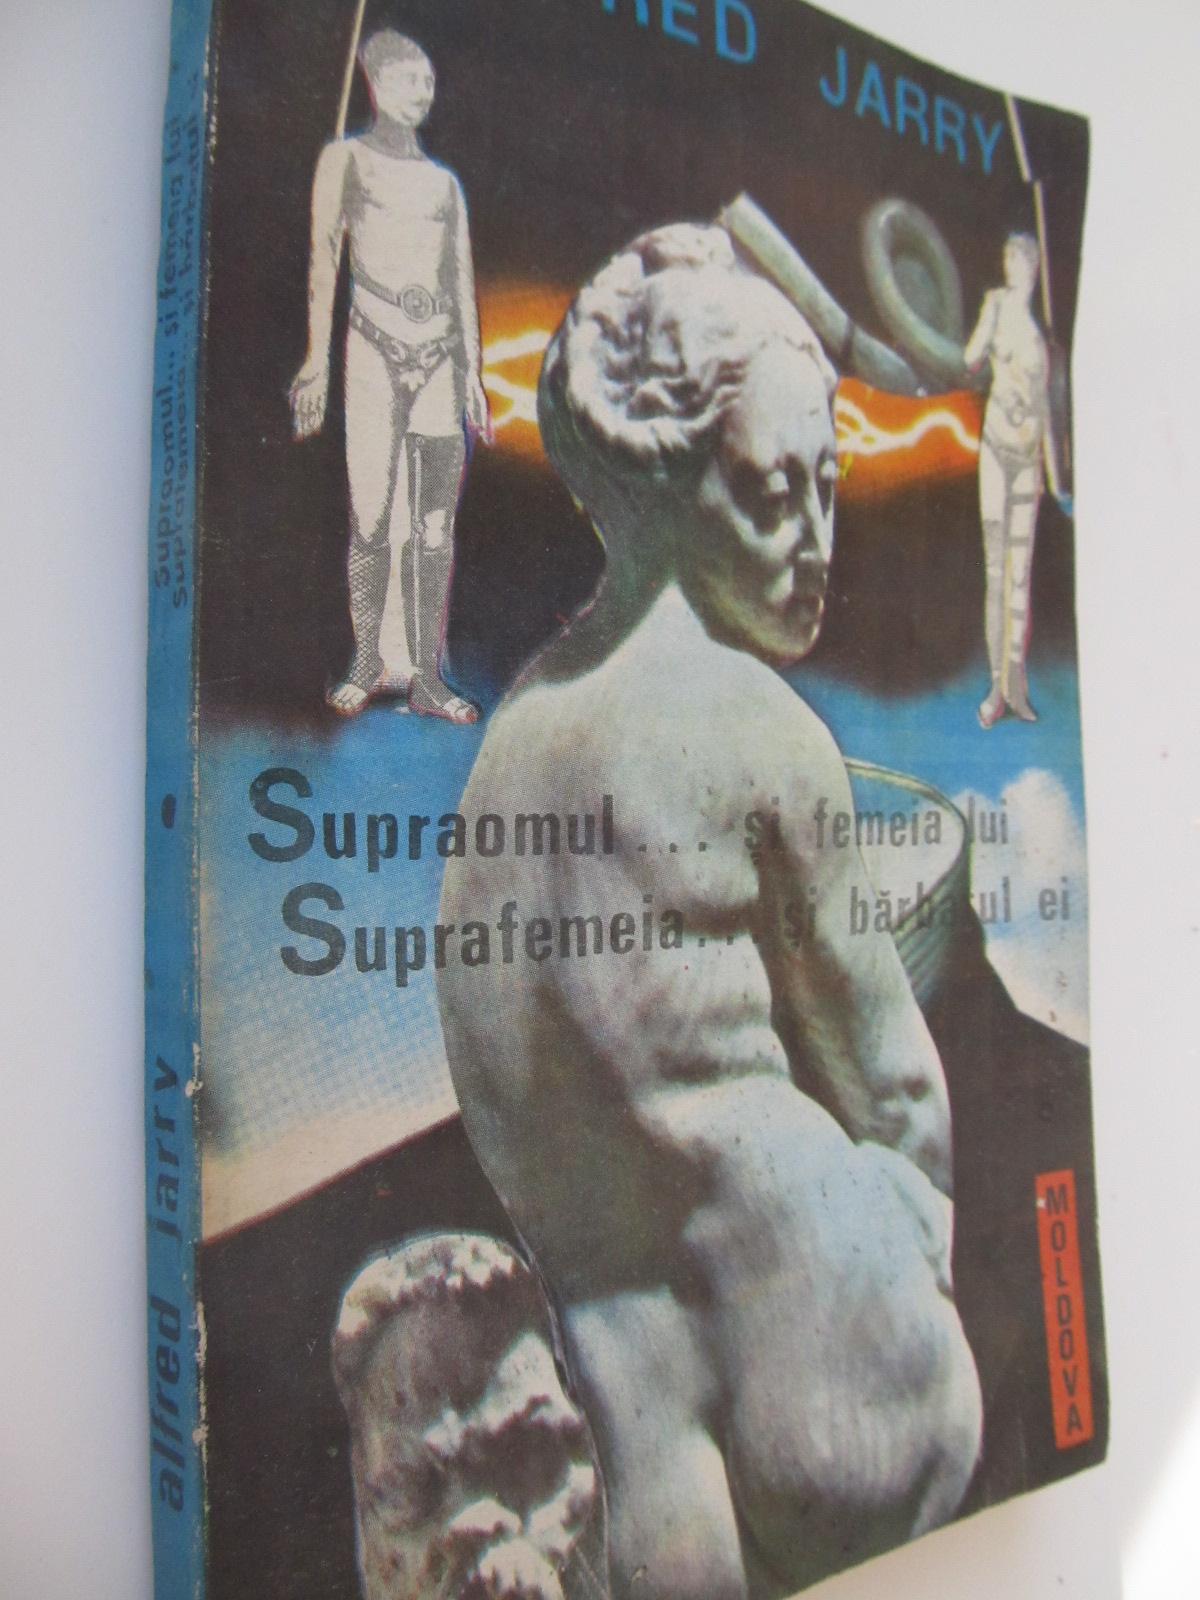 Carte Supraomul .. si femeia lui.Suprafemeia .. si barbatul ei - Alfred Jarry